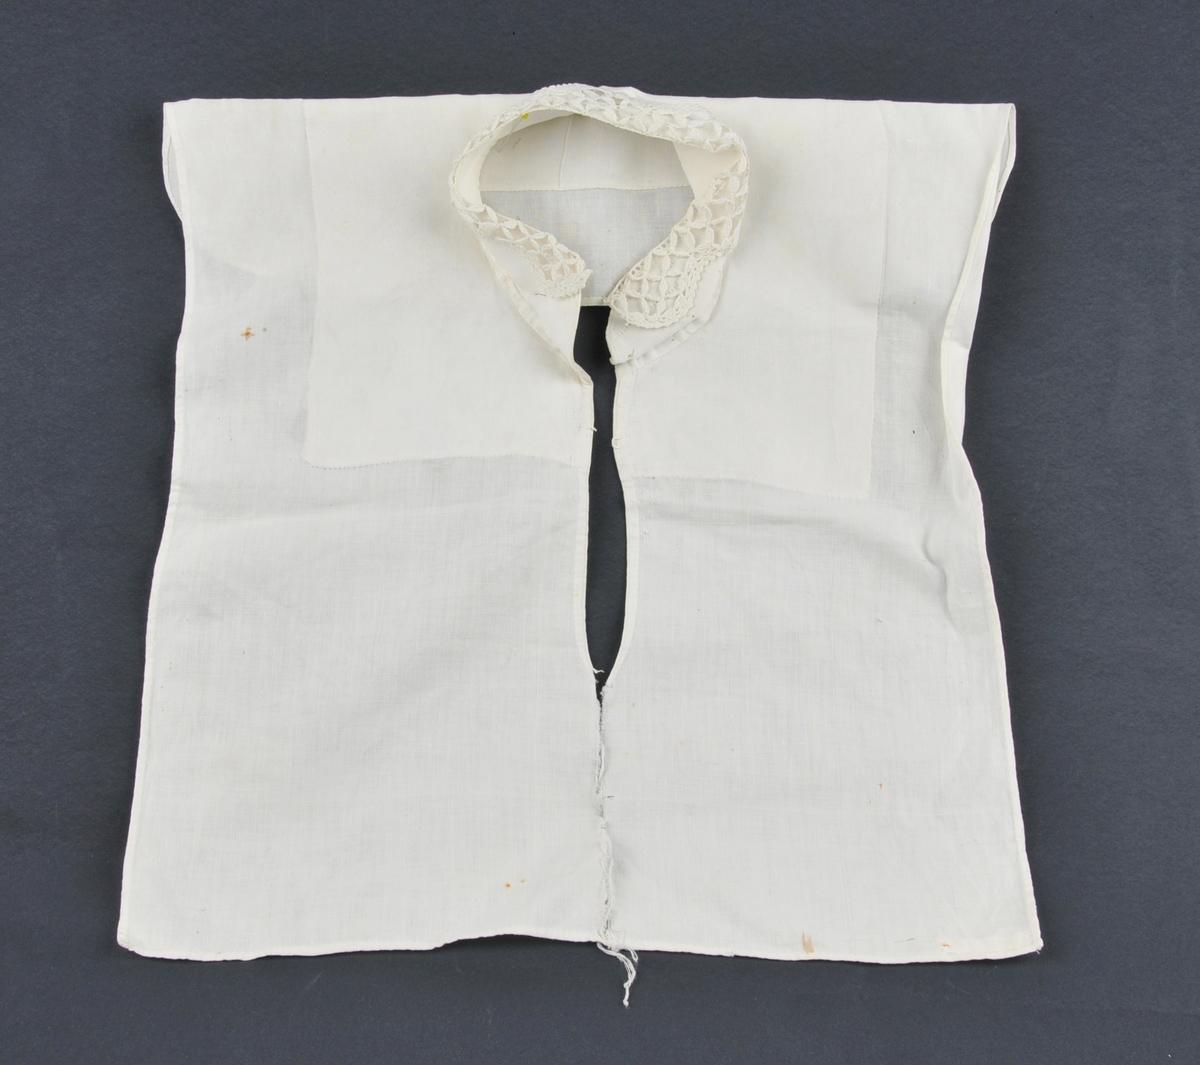 Skjortebryst med krage. Opphaveleg splitt framme, nå revna heilt ned. Hekla krage som utgjer halve kragebreidda.